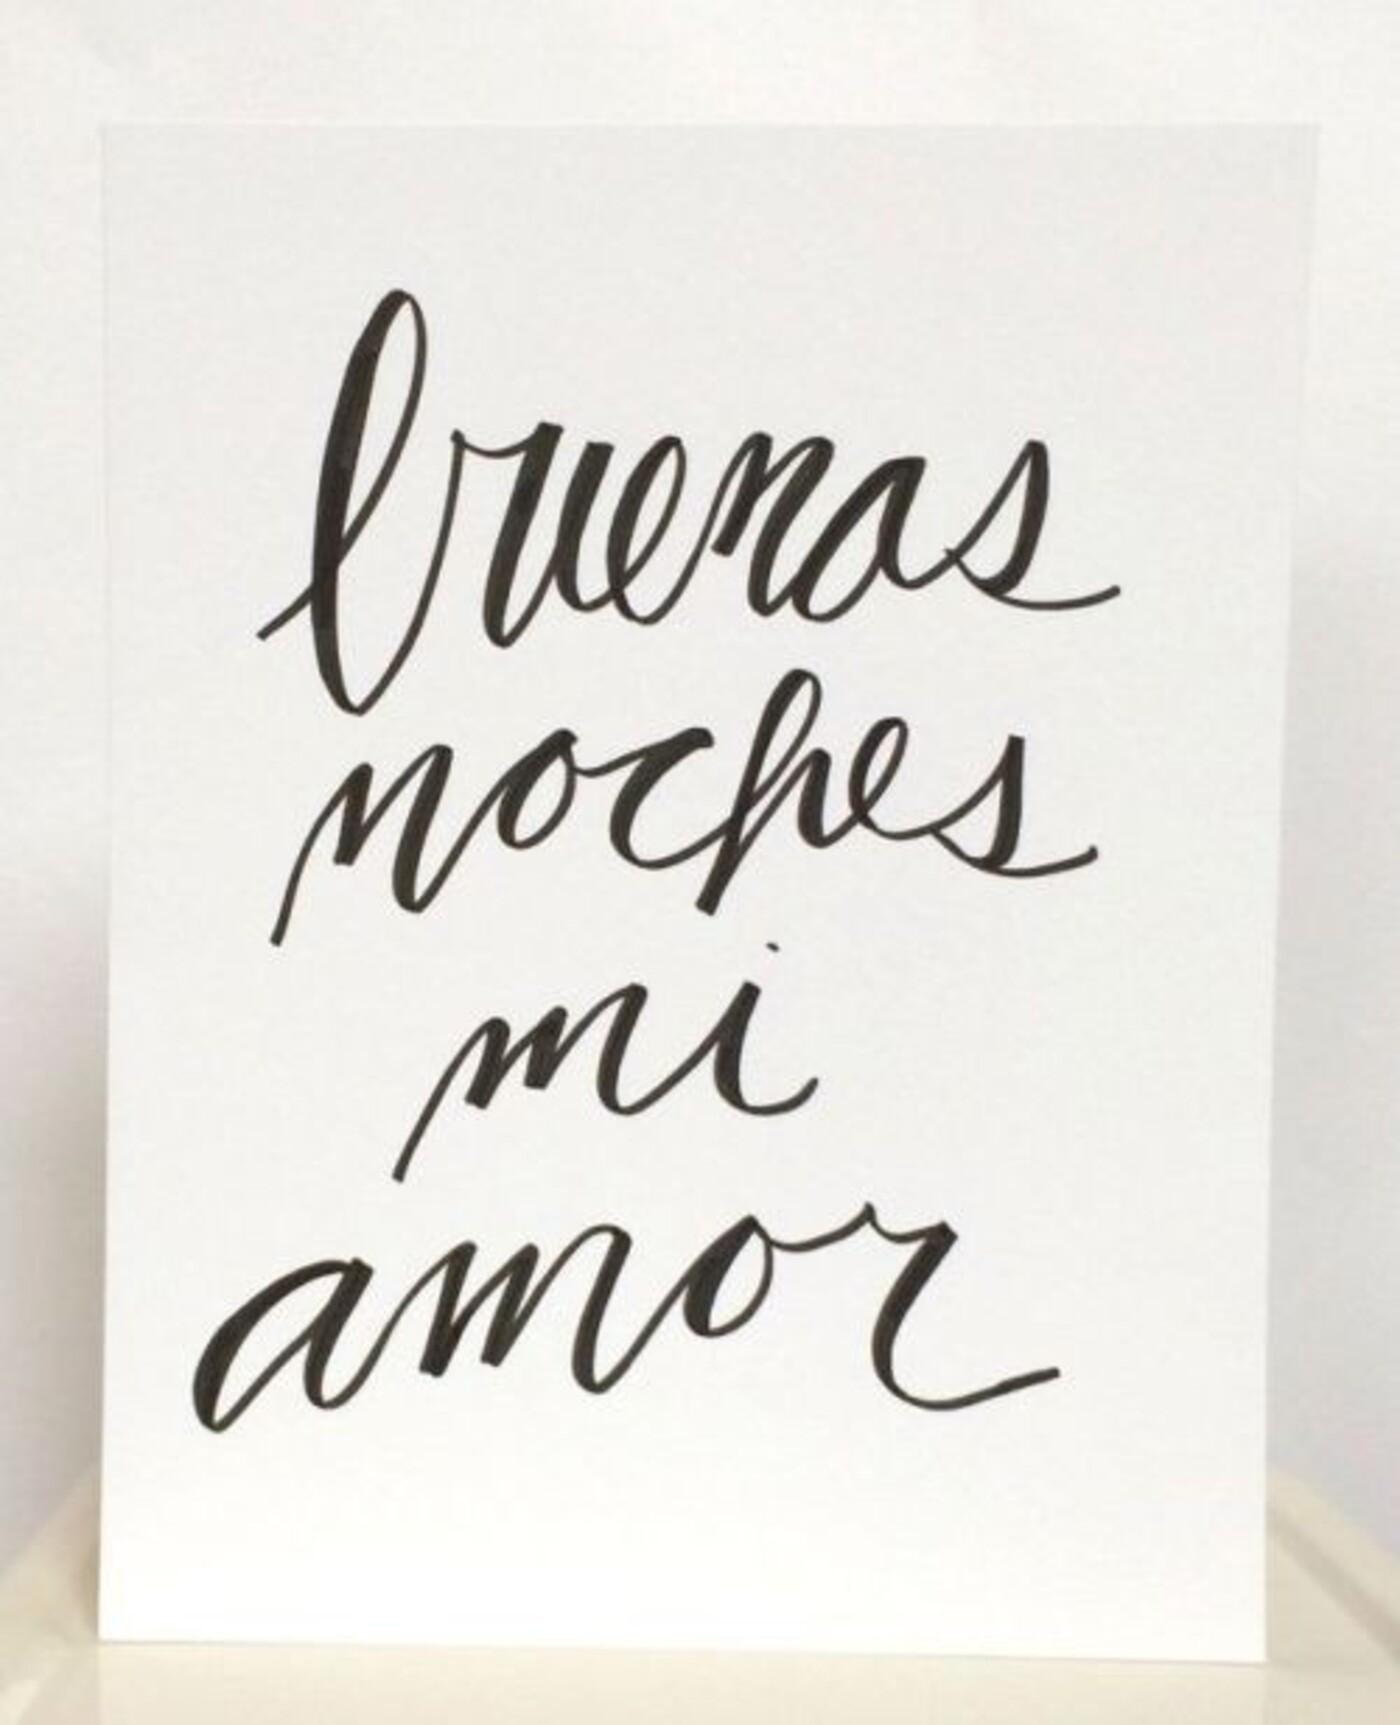 Buenos noches mi amor